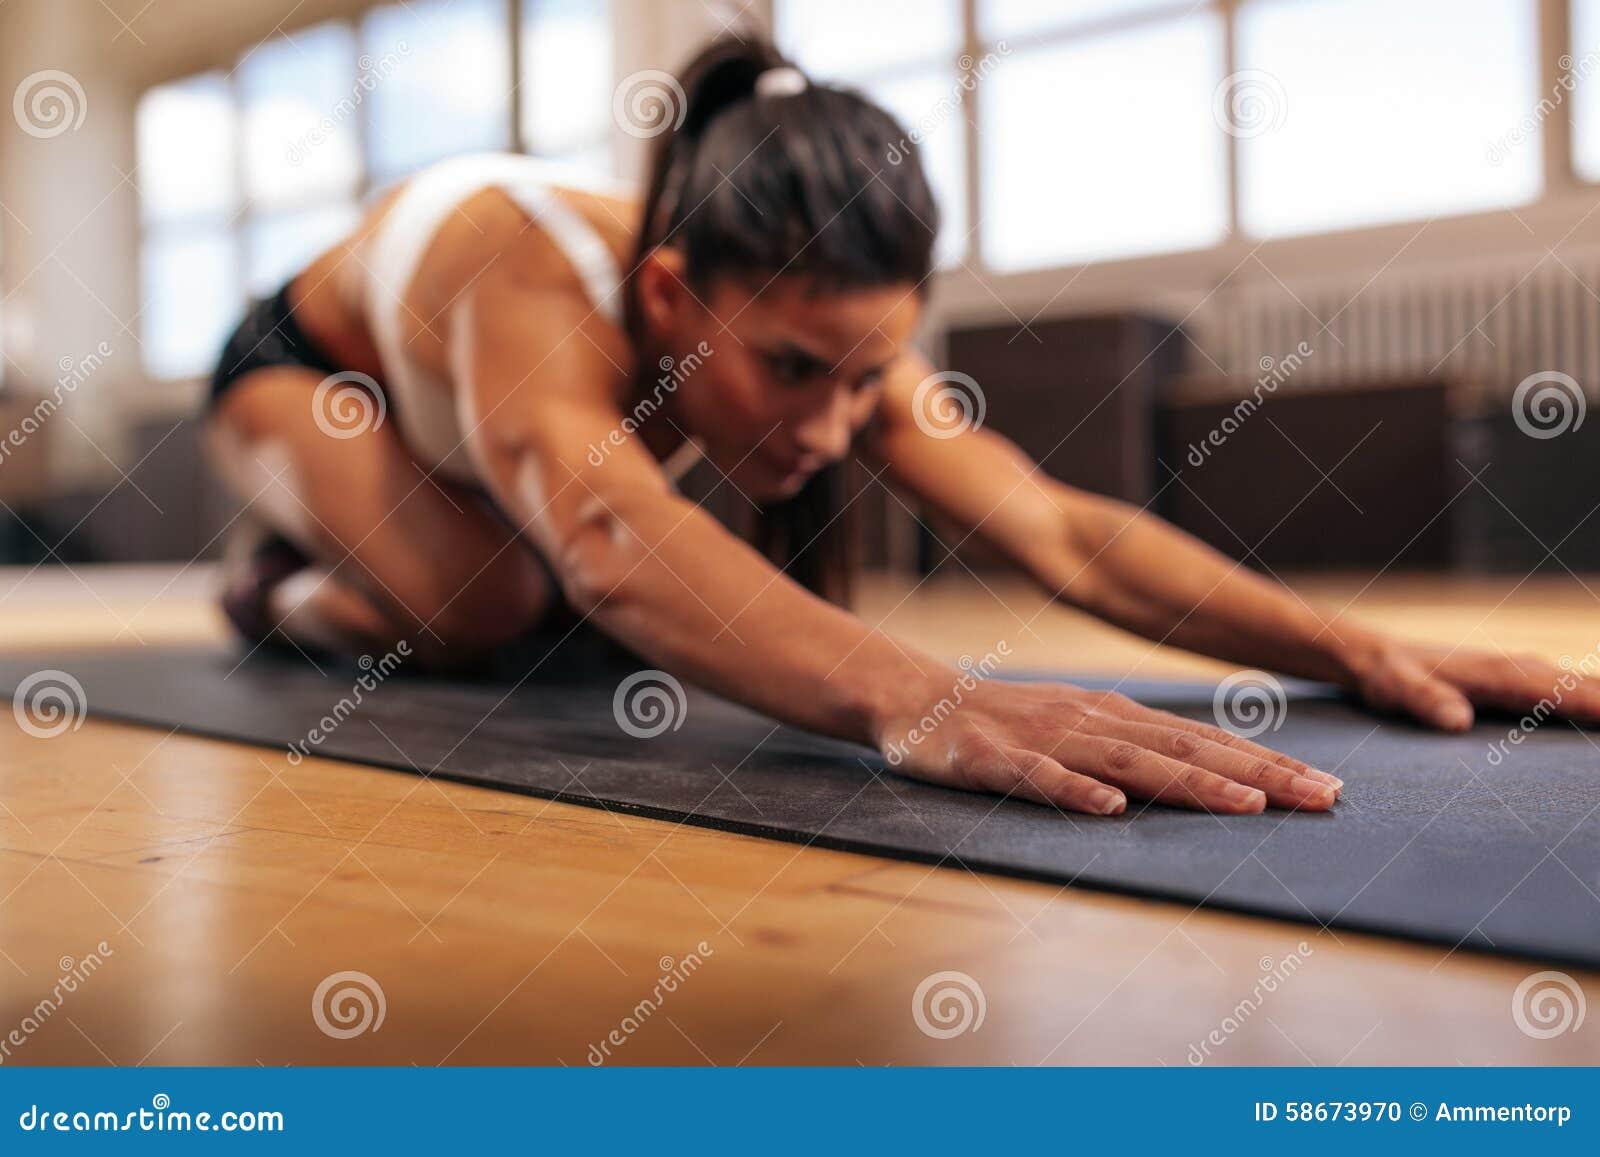 Wijfje die yoga op oefeningsmat uitvoeren bij gymnastiek